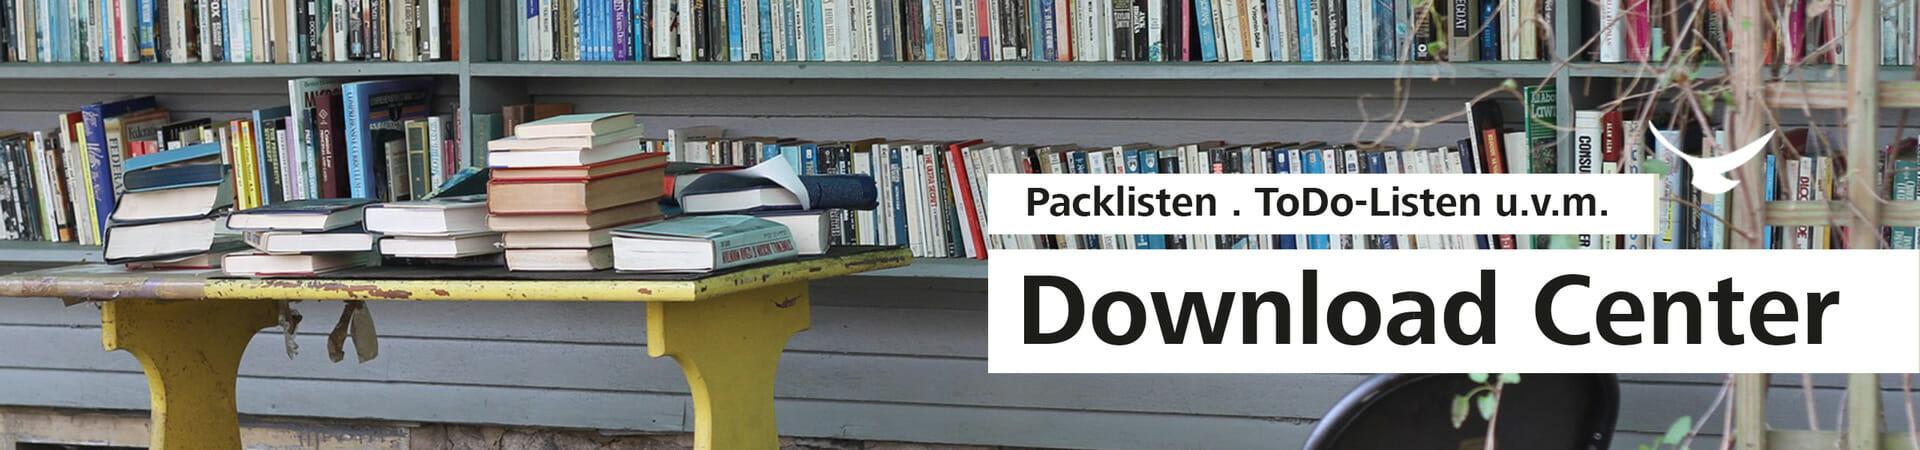 Dieses Bannerbild zeigt eine Werbung für das neue Hello World Download-Center